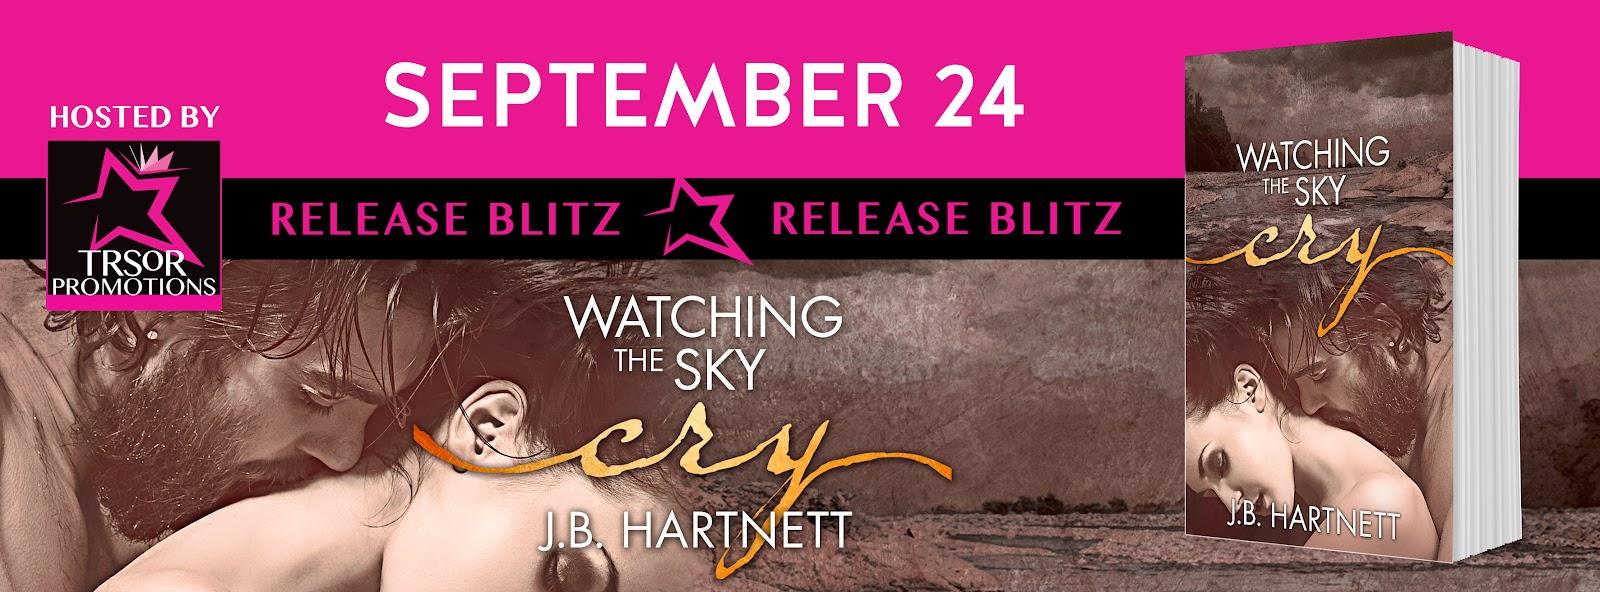 WATCHING_THE_SKY_BLITZ.jpg